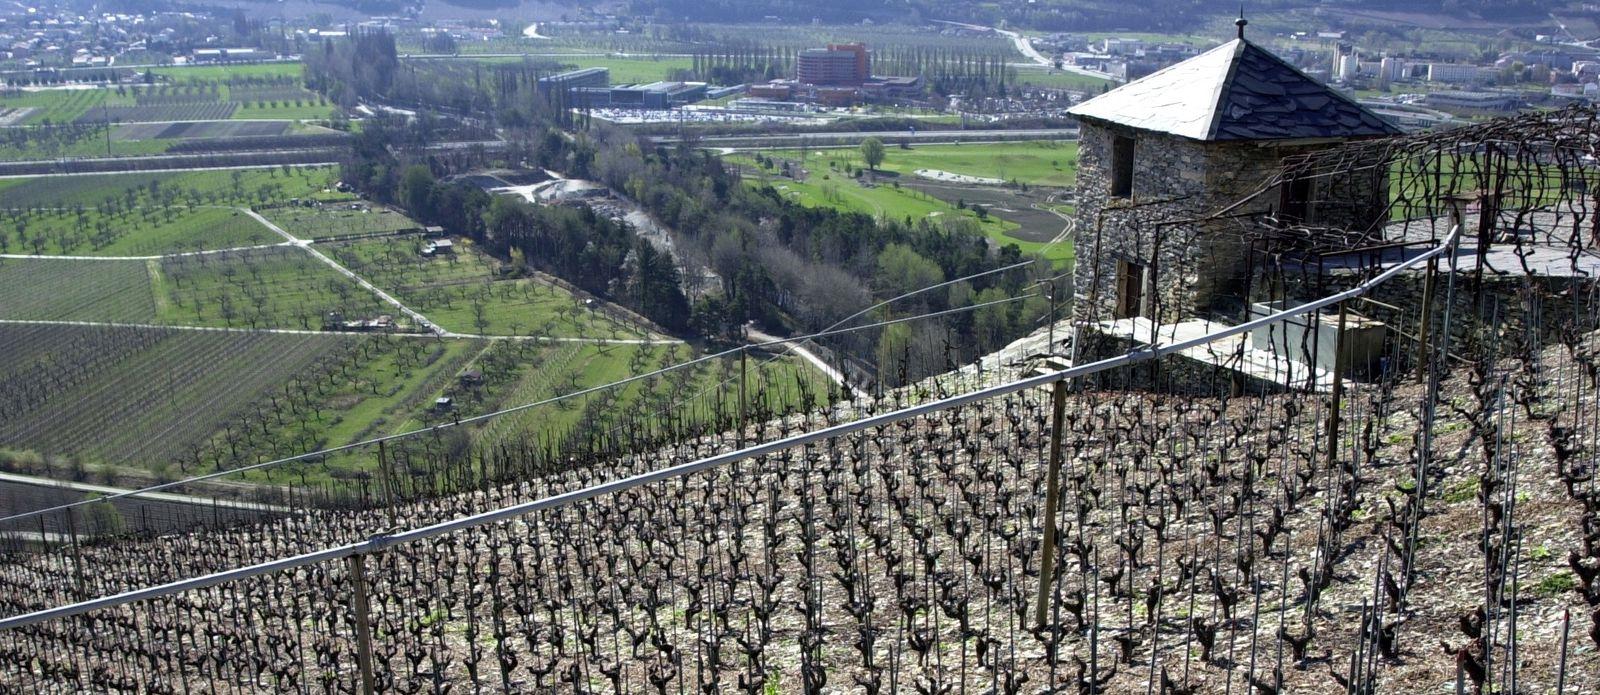 Hommage aux vignerons Valaisans qui ont façonnés grace à leur savoir-faire de magnifiques murs en pierre de taille.